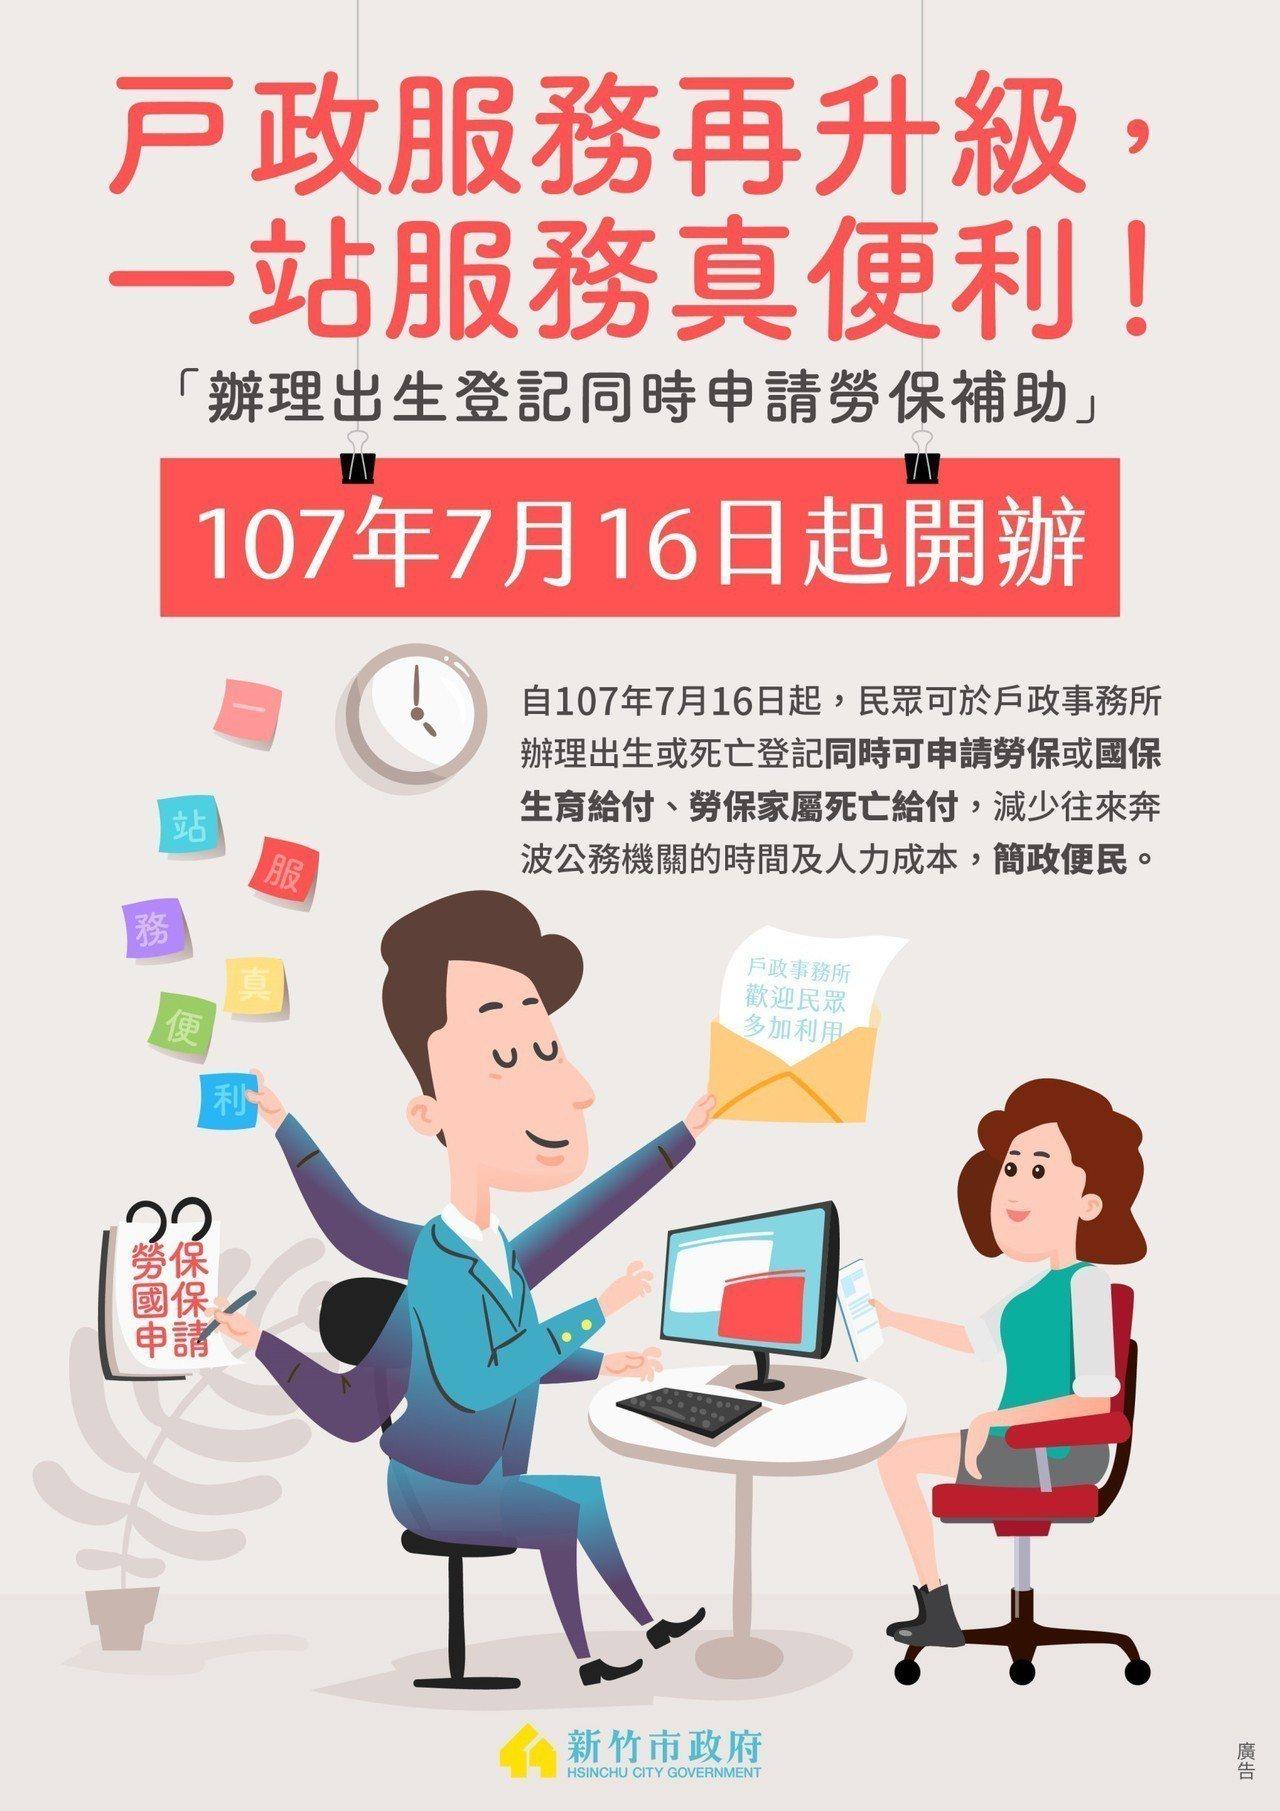 一站式服務宣導相關資訊圖。圖/新竹市政府提供